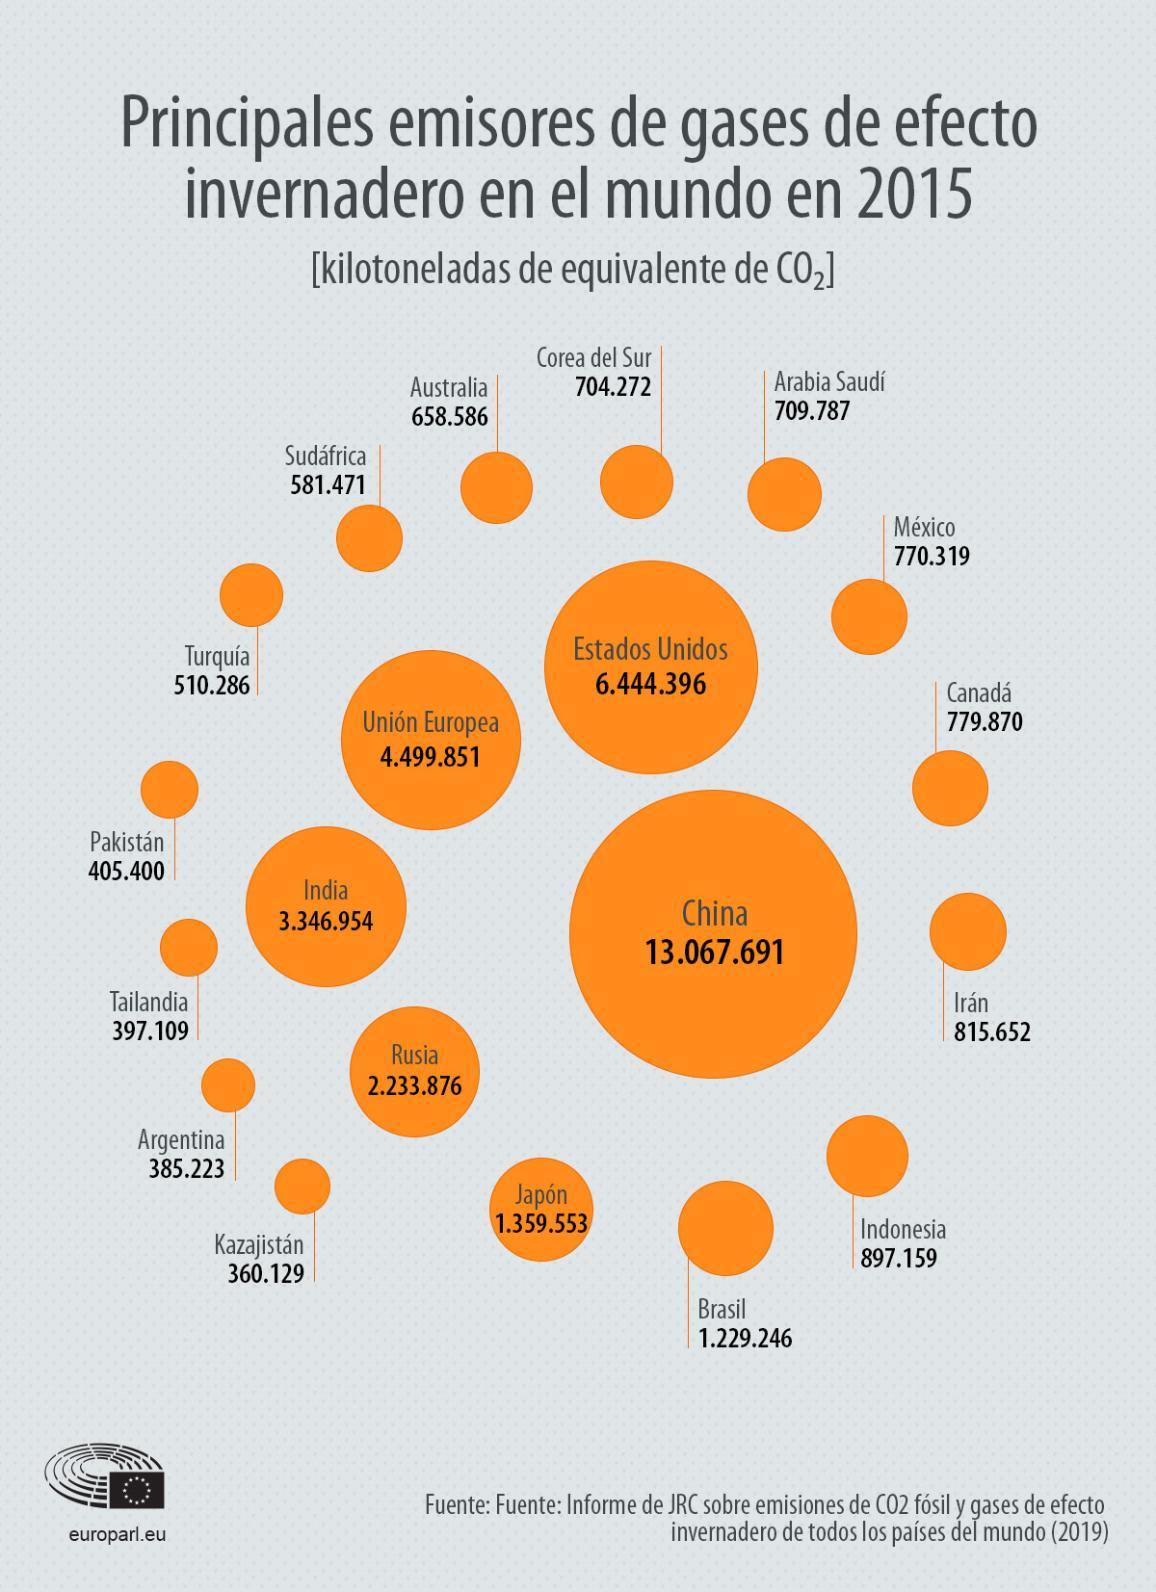 Principales emisiones de gases de efecto invernadero en el mundo en 2015